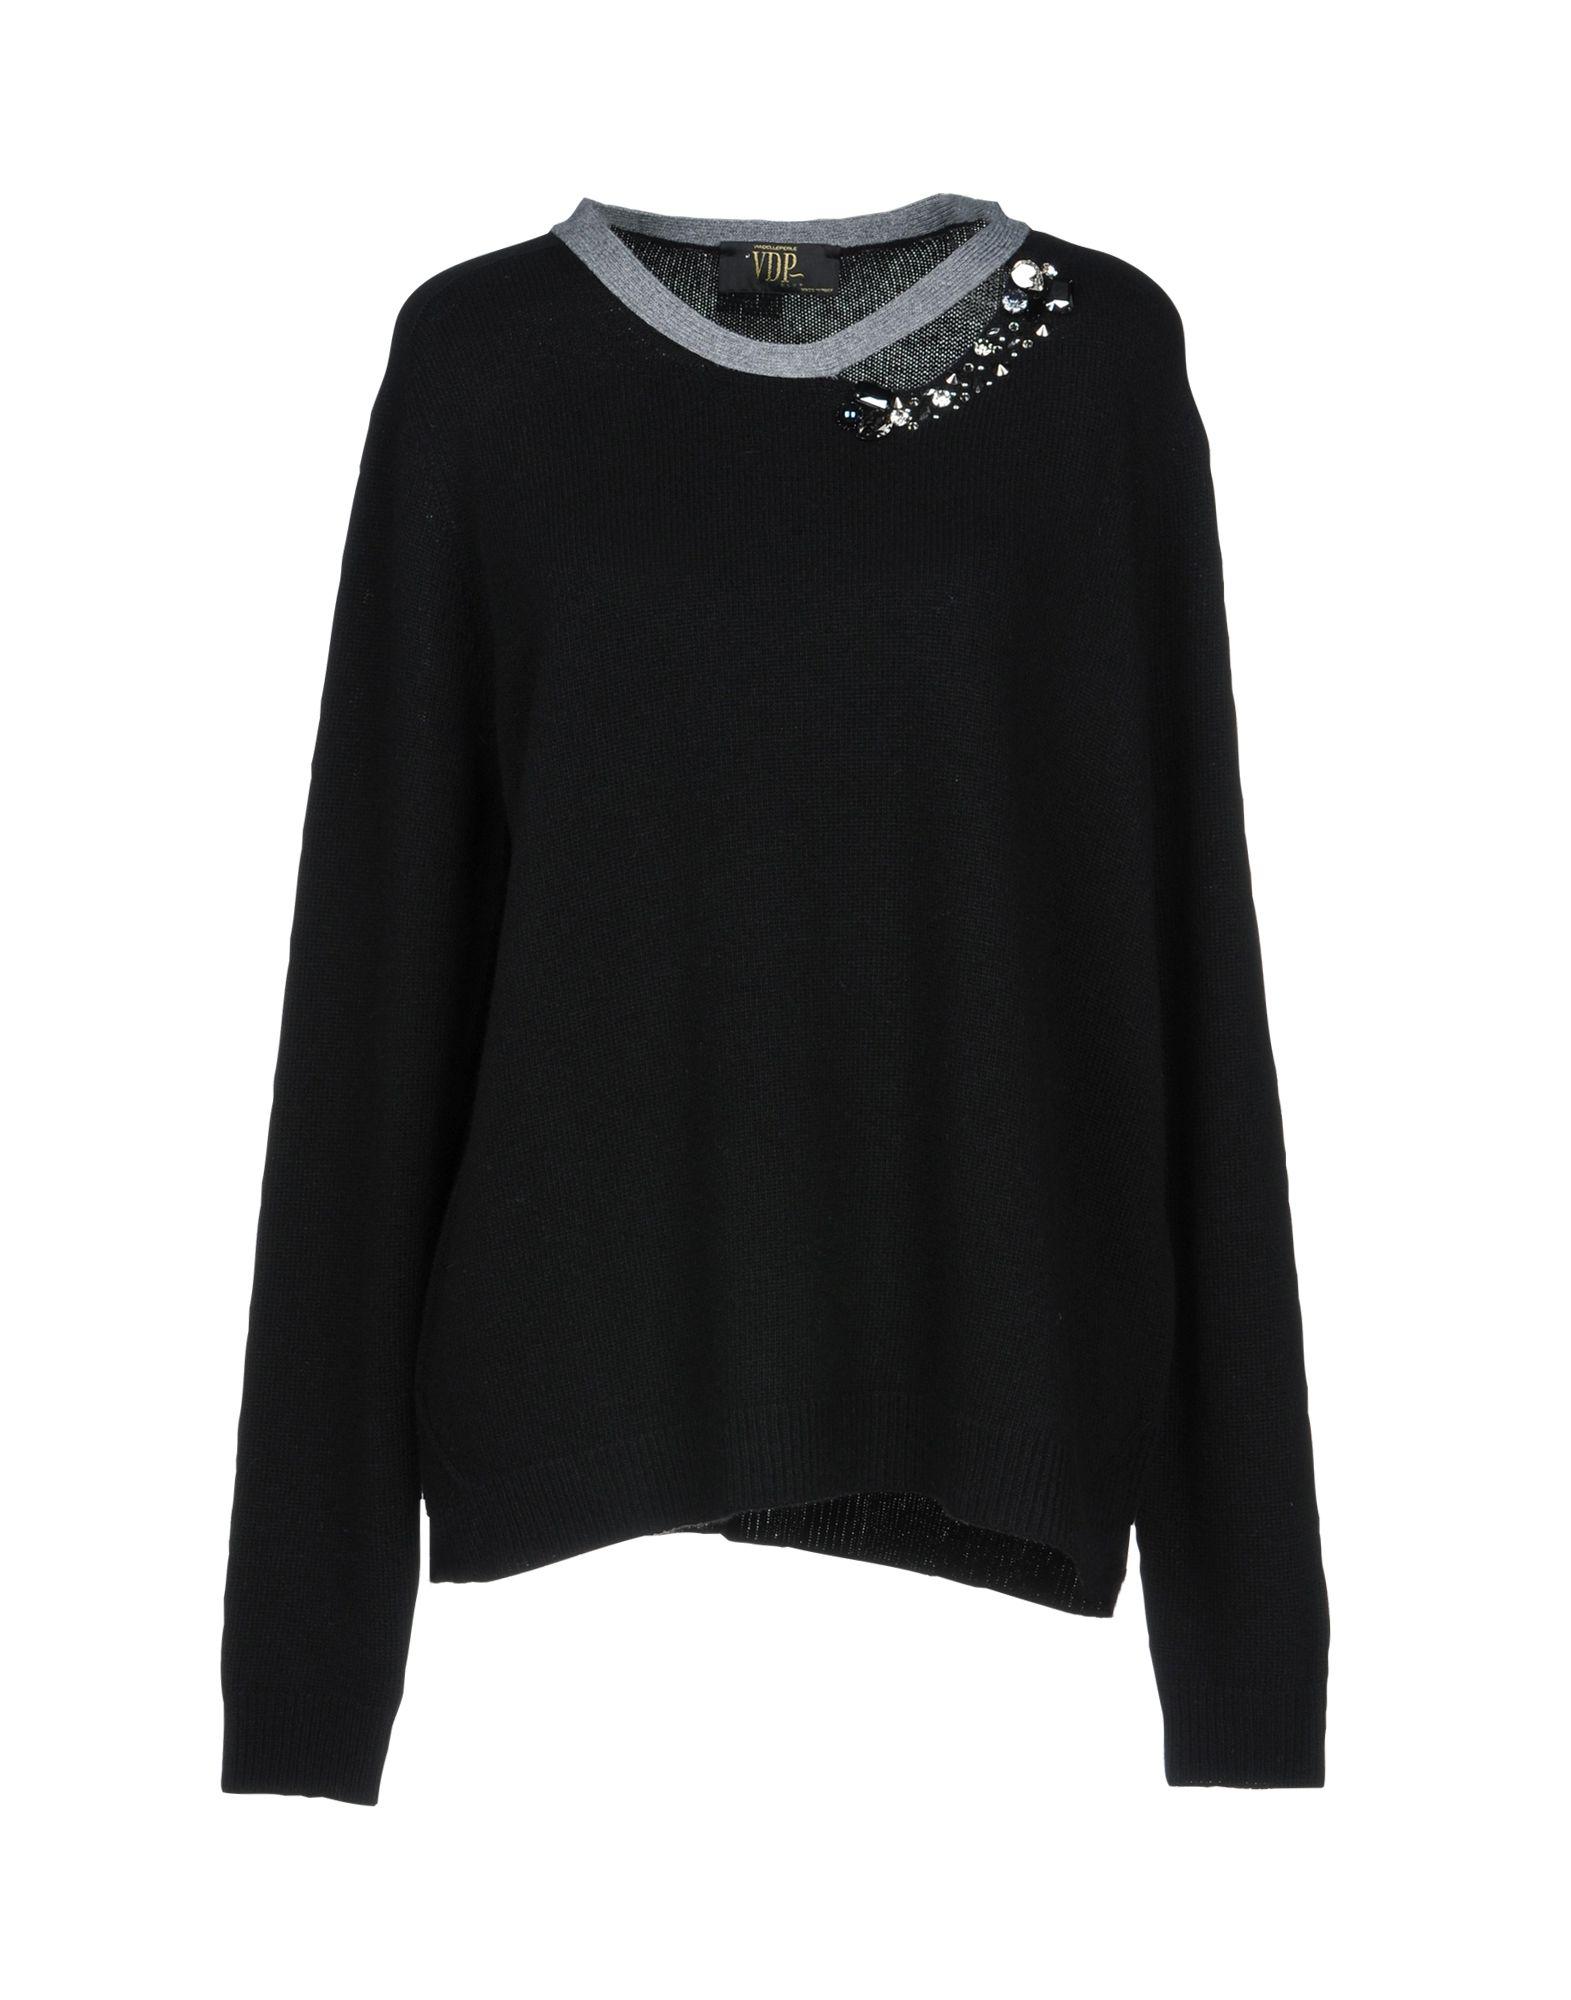 Pullover Vdp Club Donna - Acquista online su LIsZO